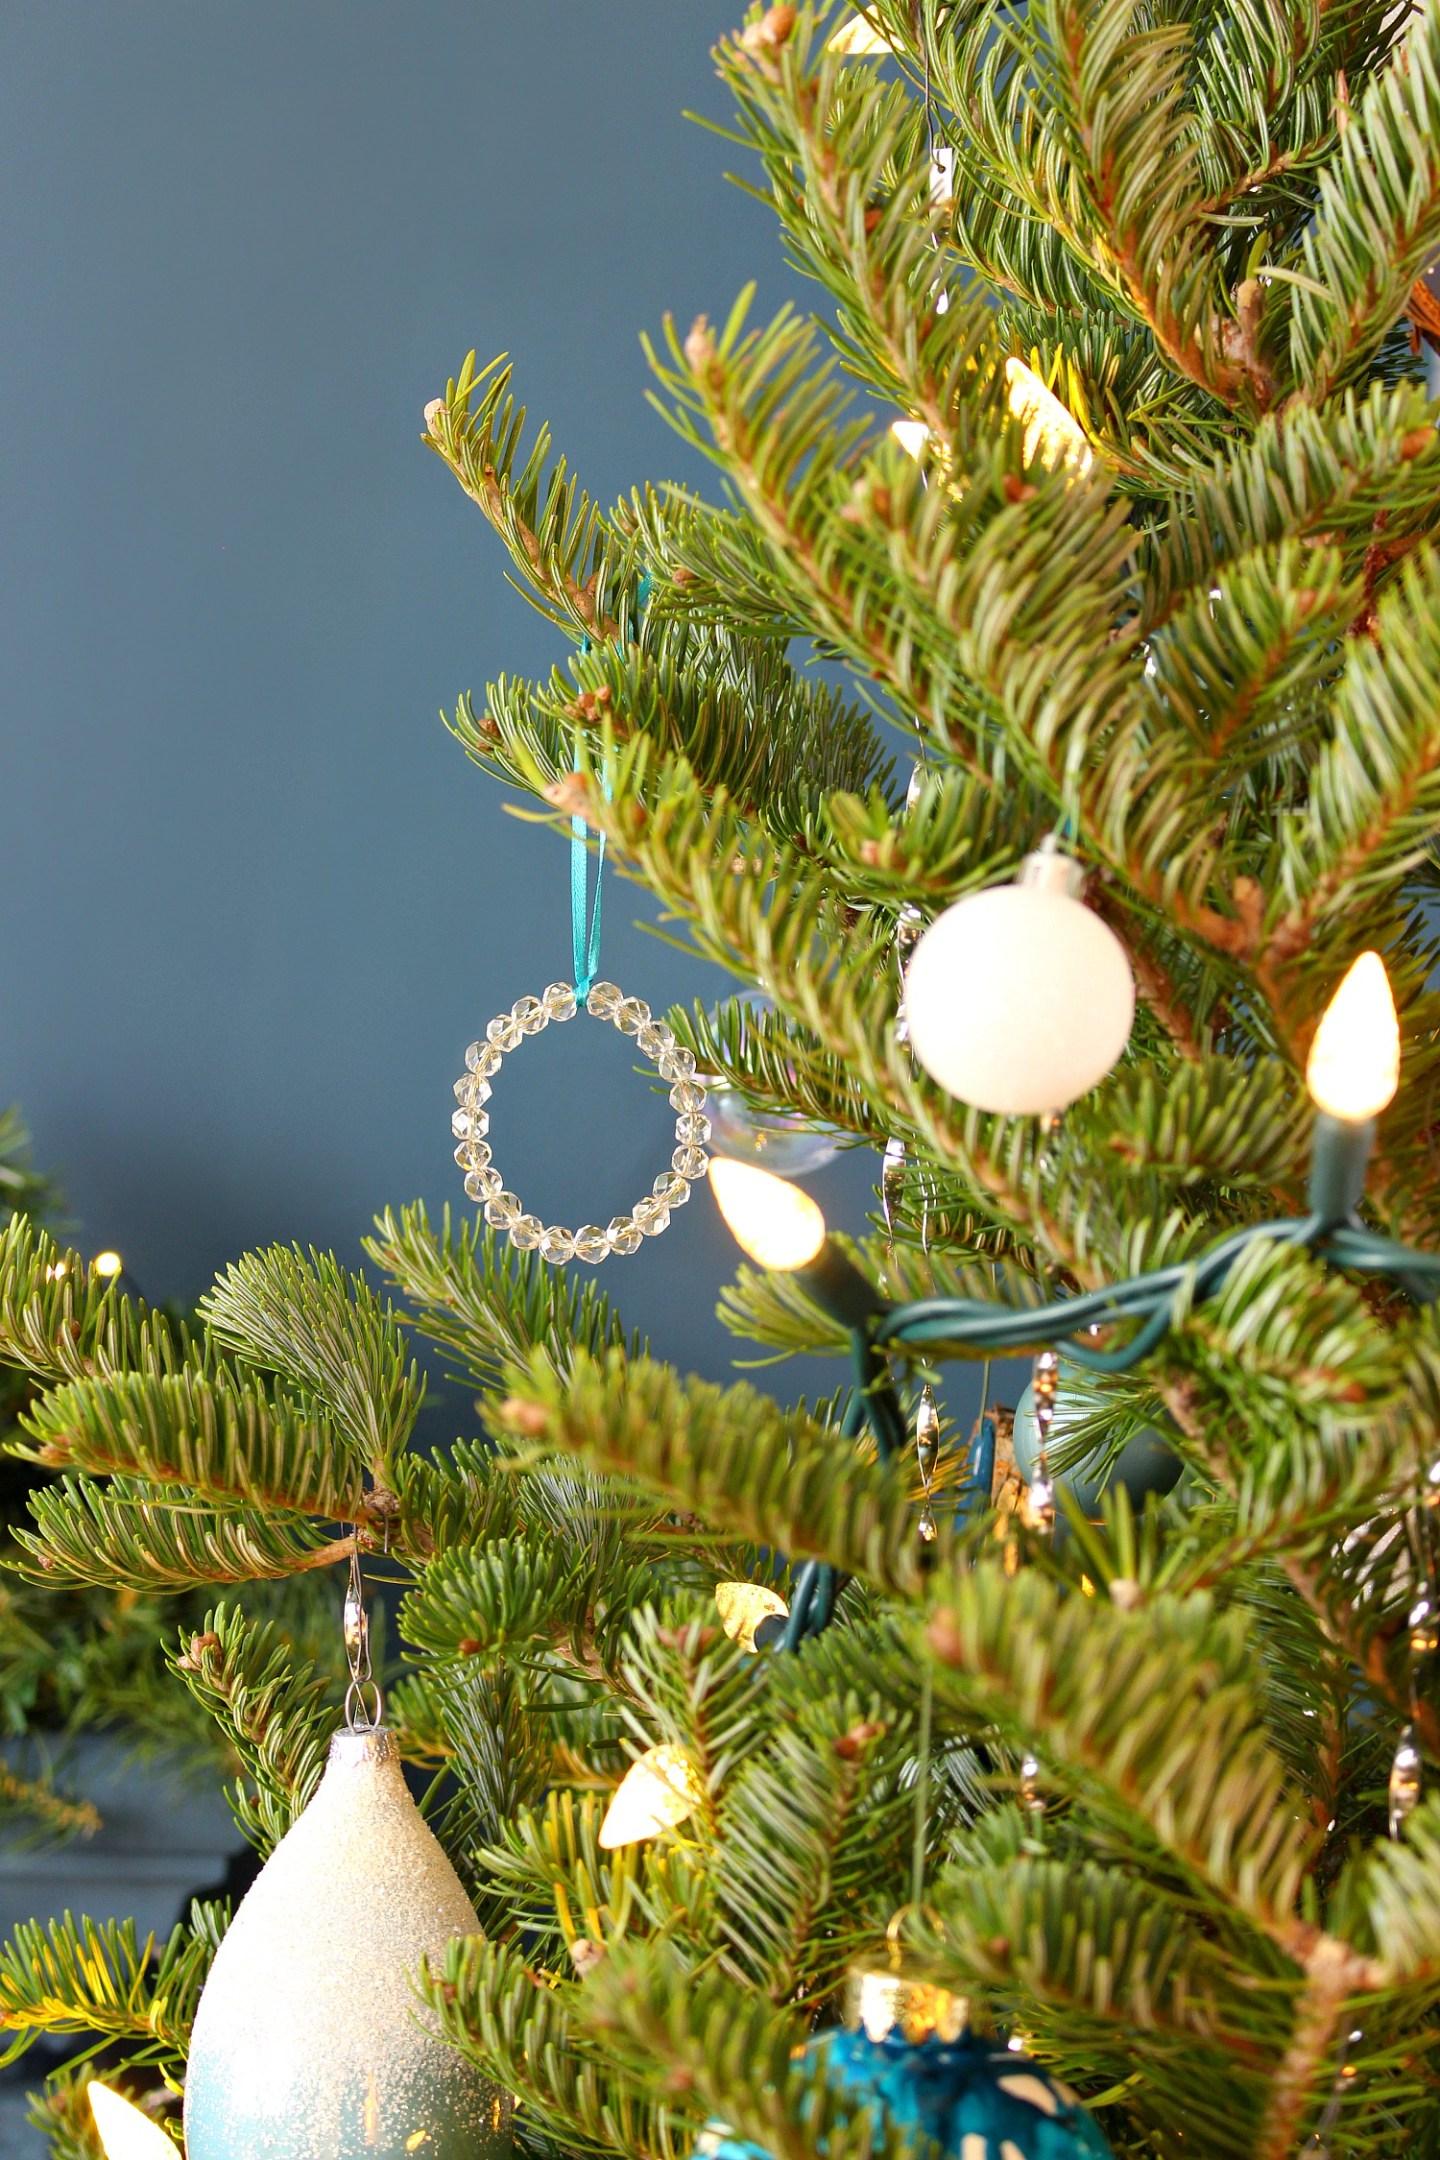 DIY Beaded Wreath Christmas Ornaments